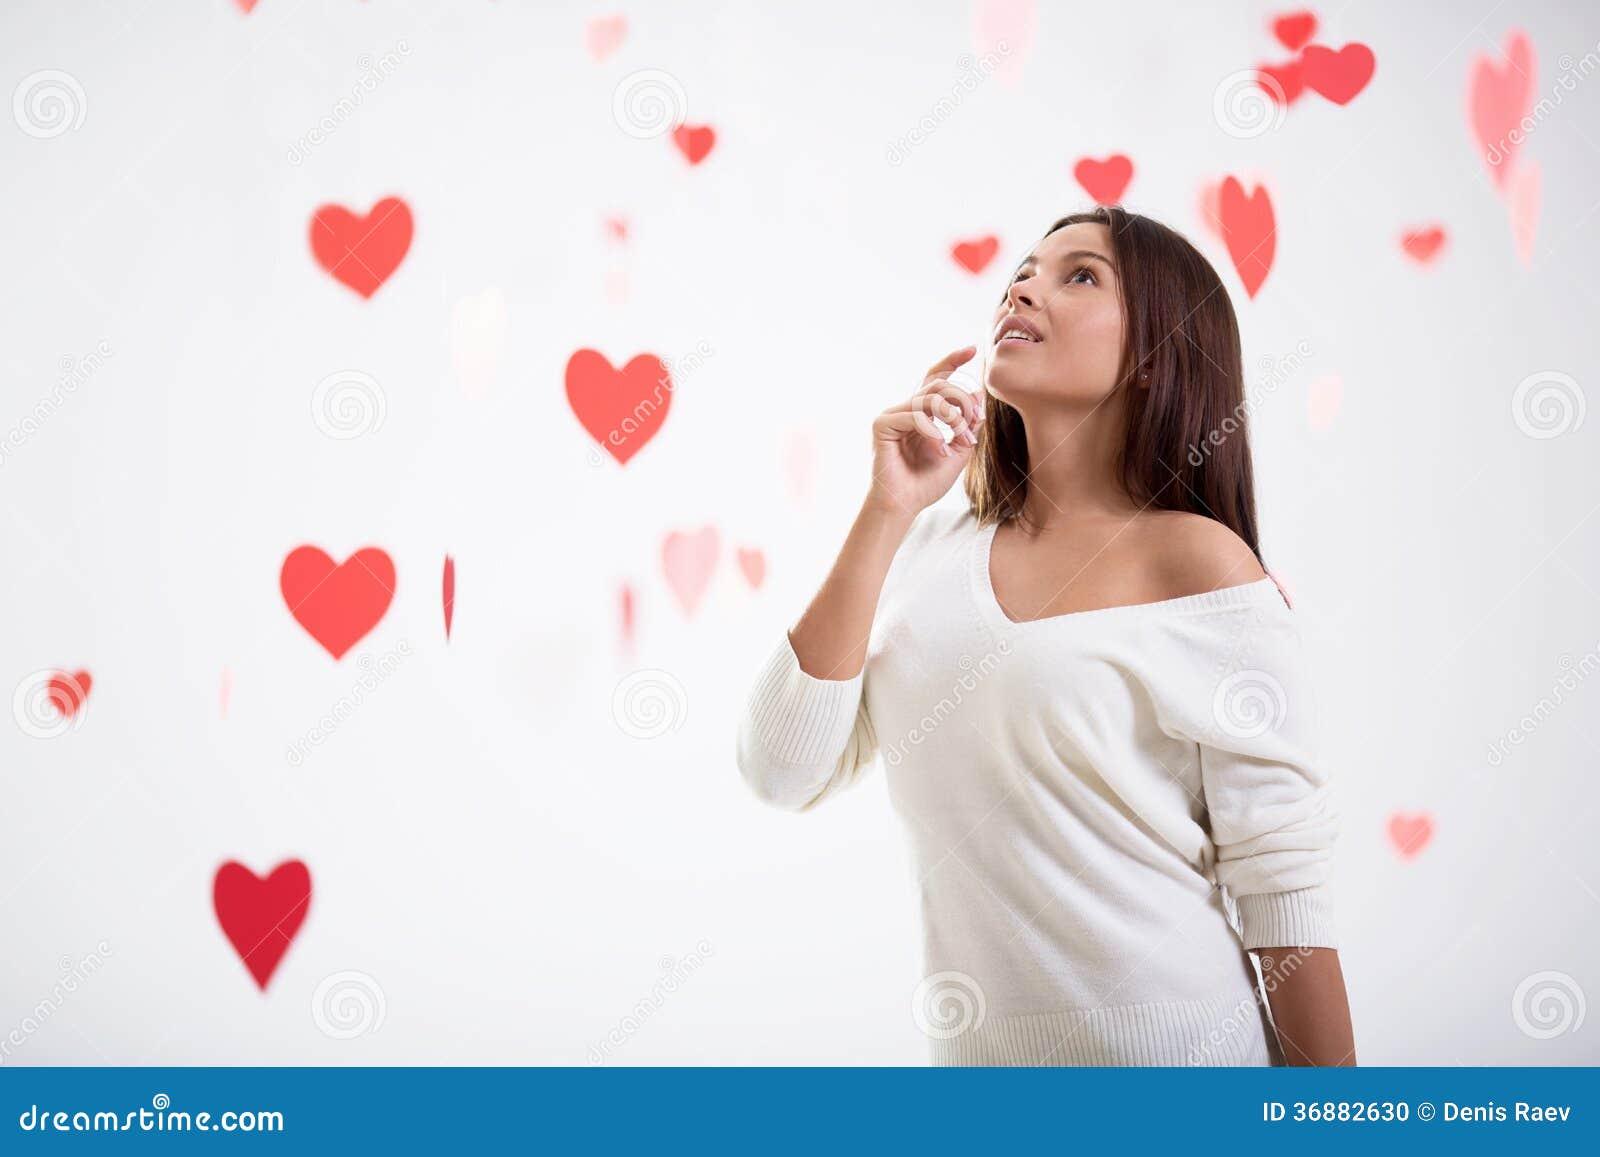 Download San Valentino fotografia stock. Immagine di valentines - 36882630